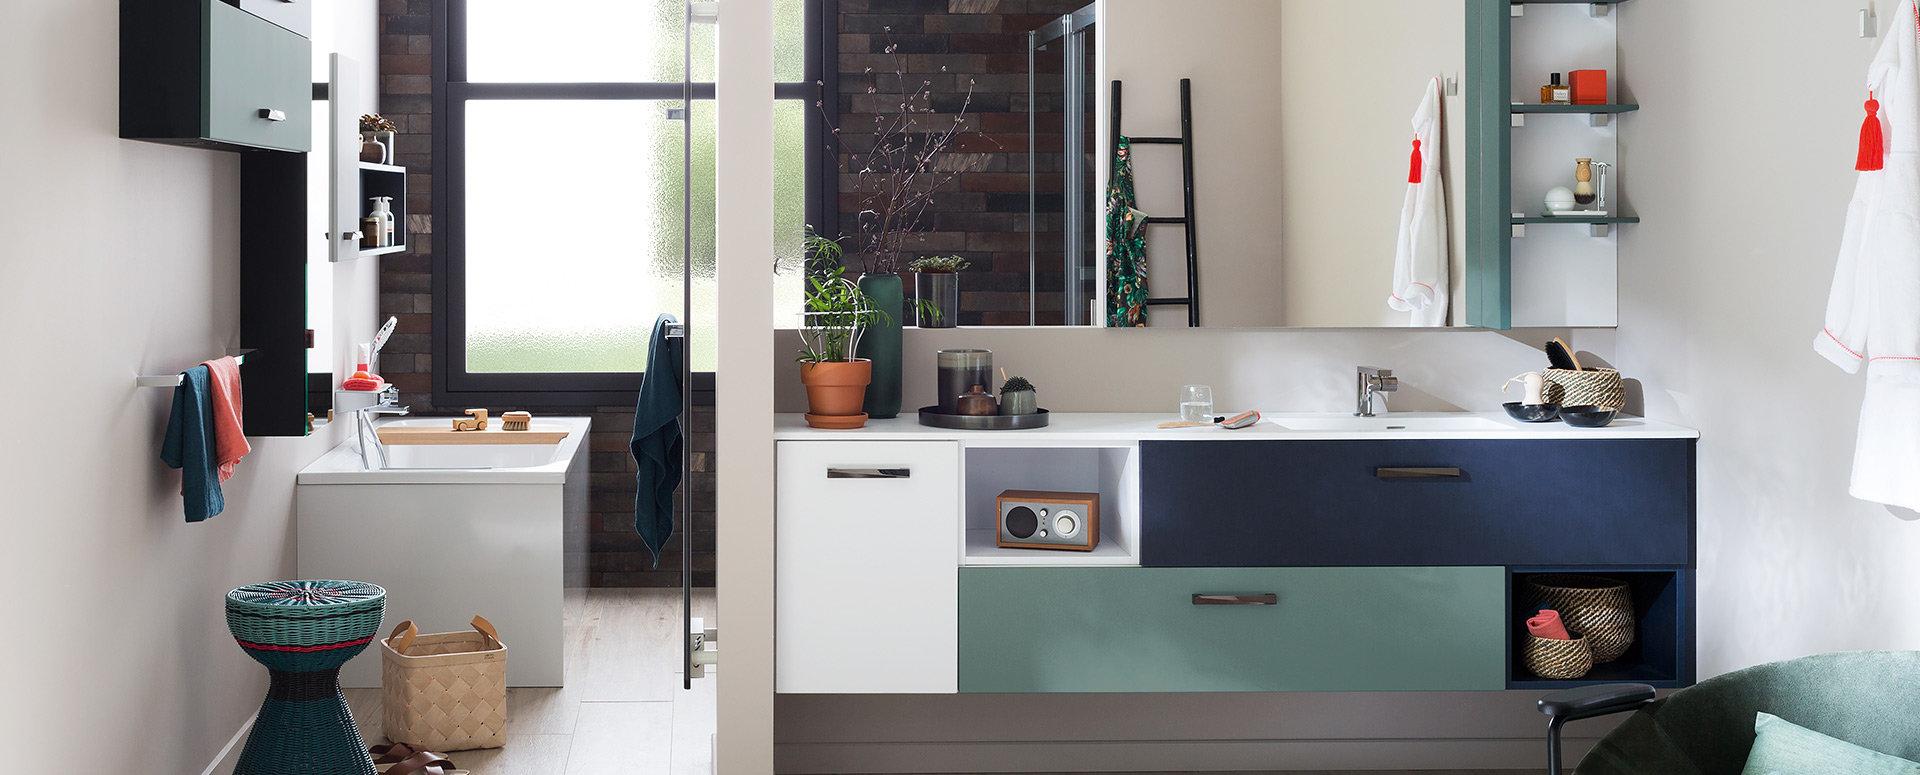 Bilde Design, fargerikt baderom loftstil